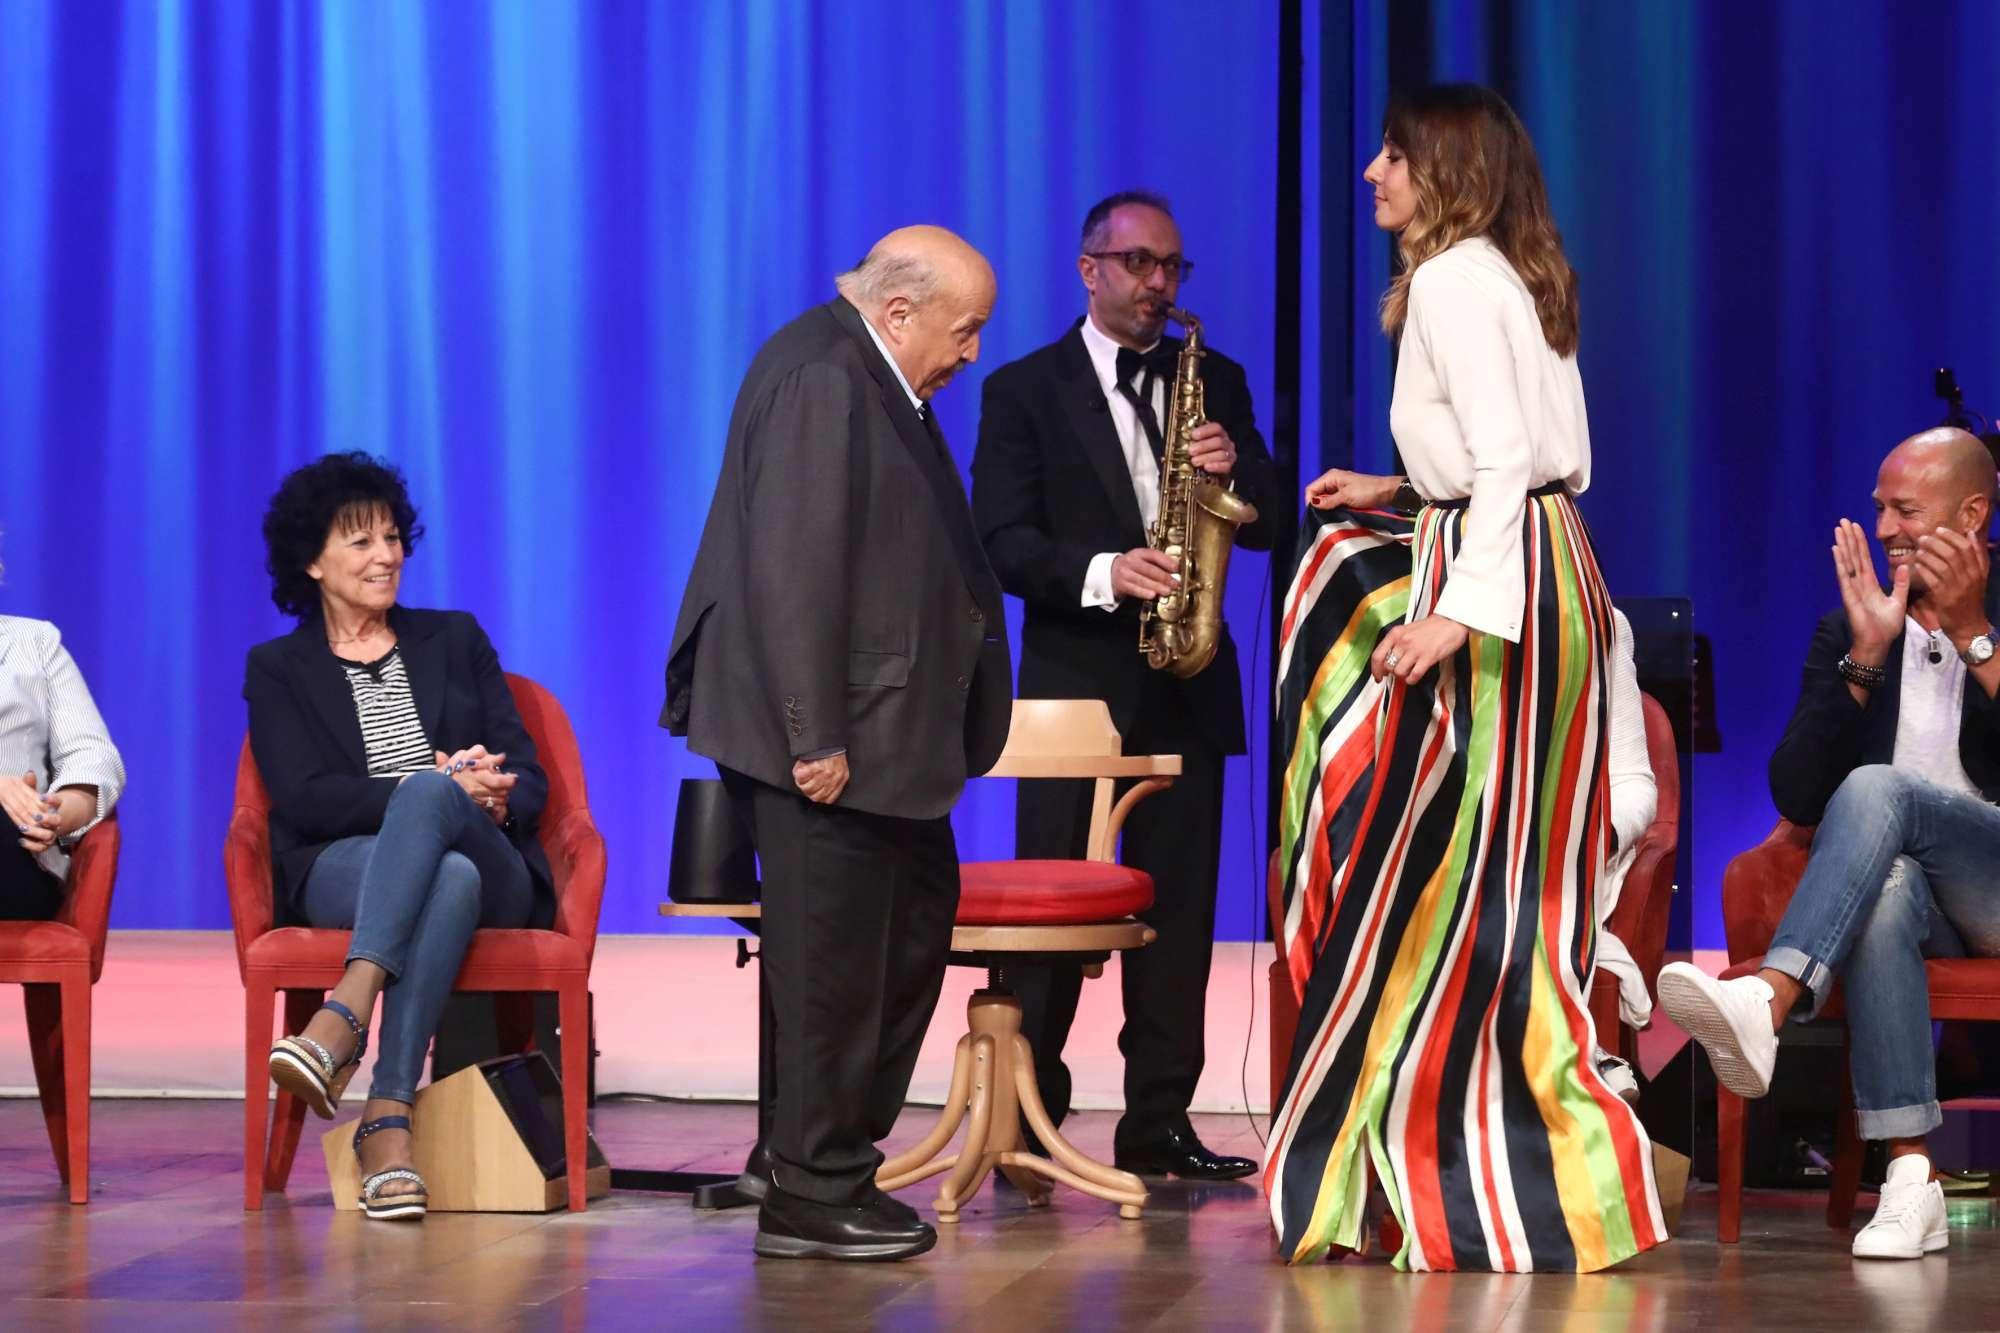 Maurizio Costanzo e Ambra Angiolini, Cha cha cha esplosivo sul palco